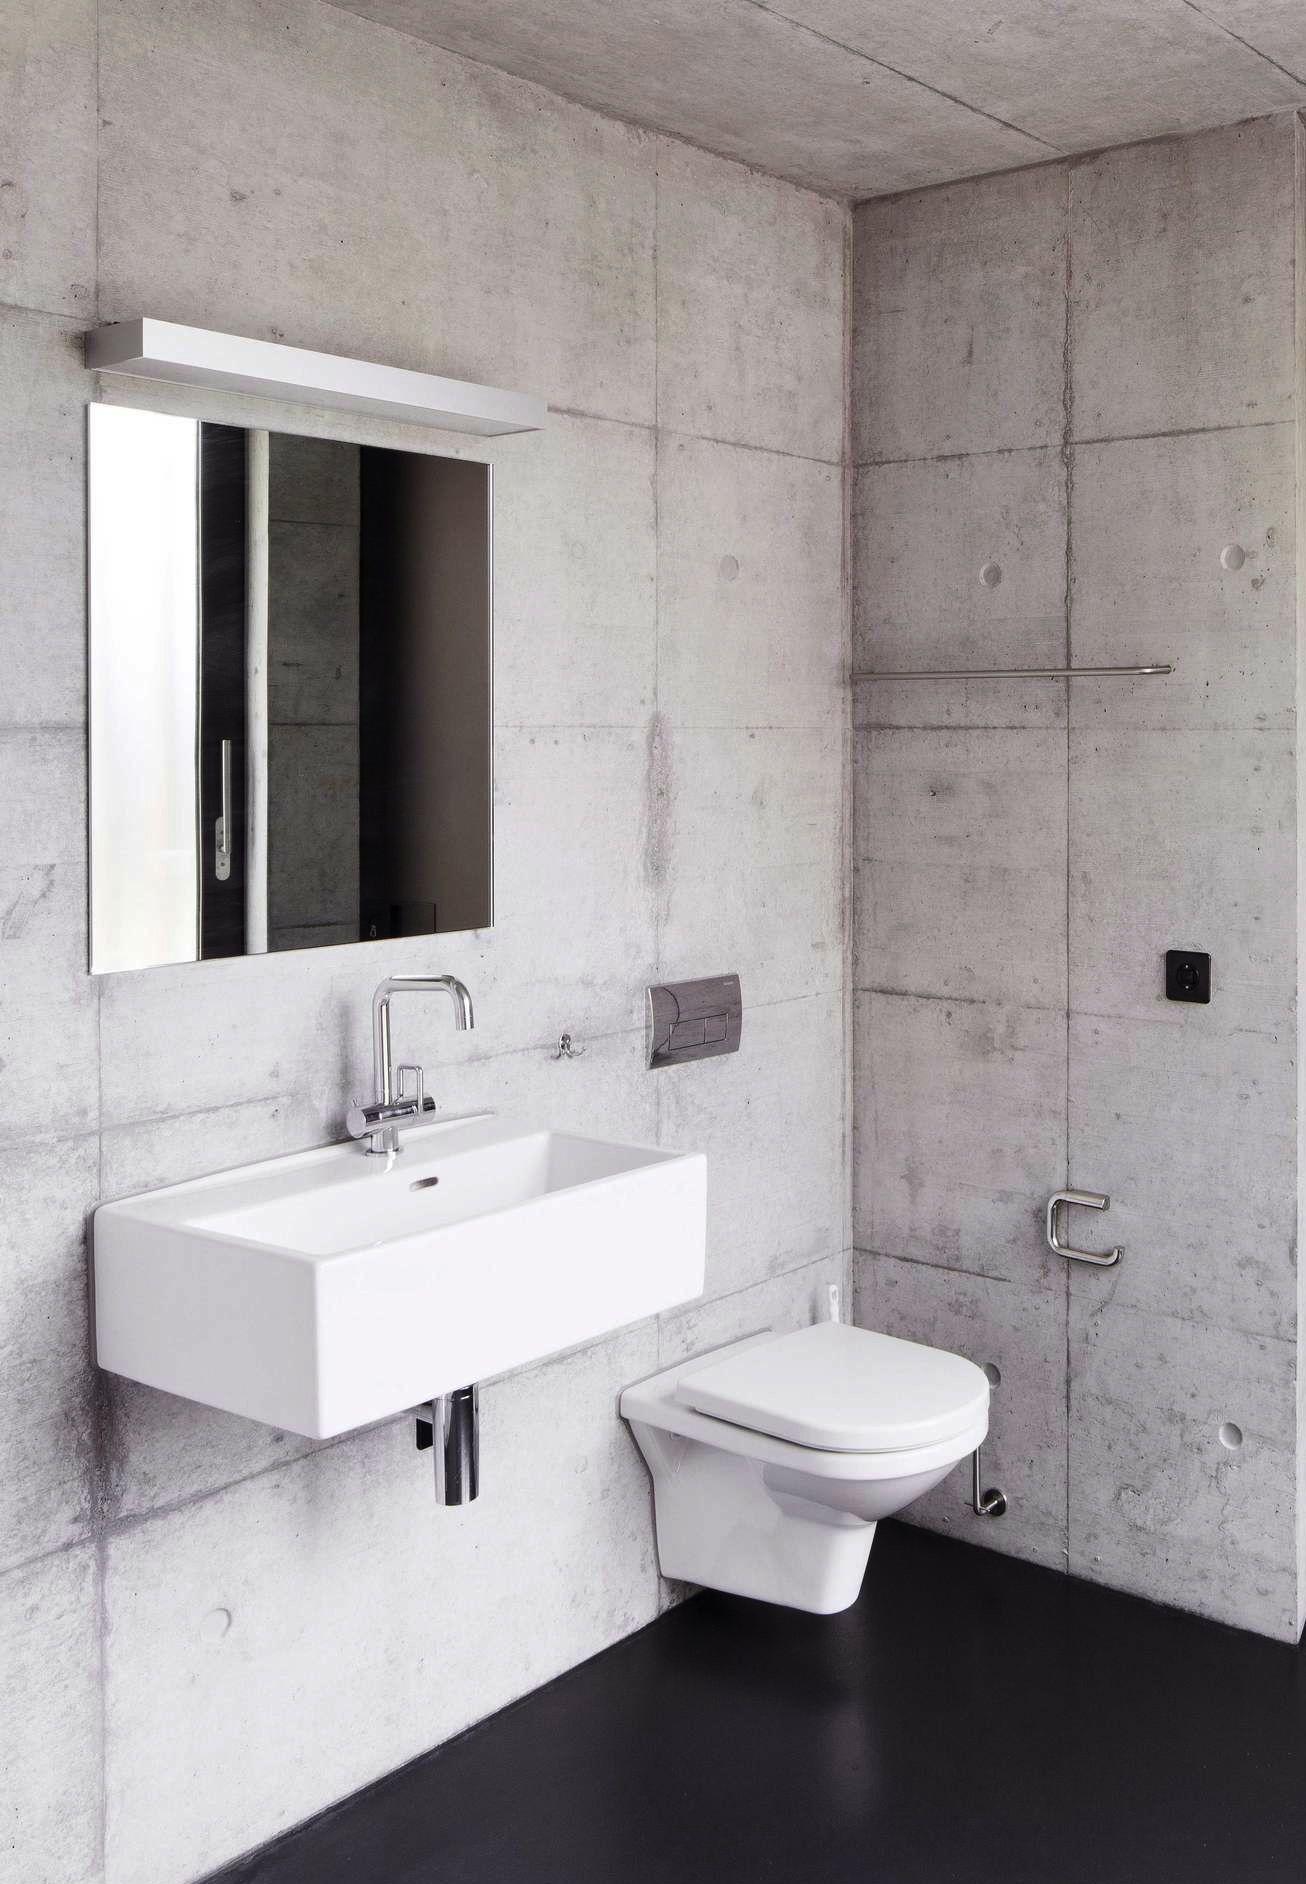 gallery of private house / gramazio & kohler - 8   concrete